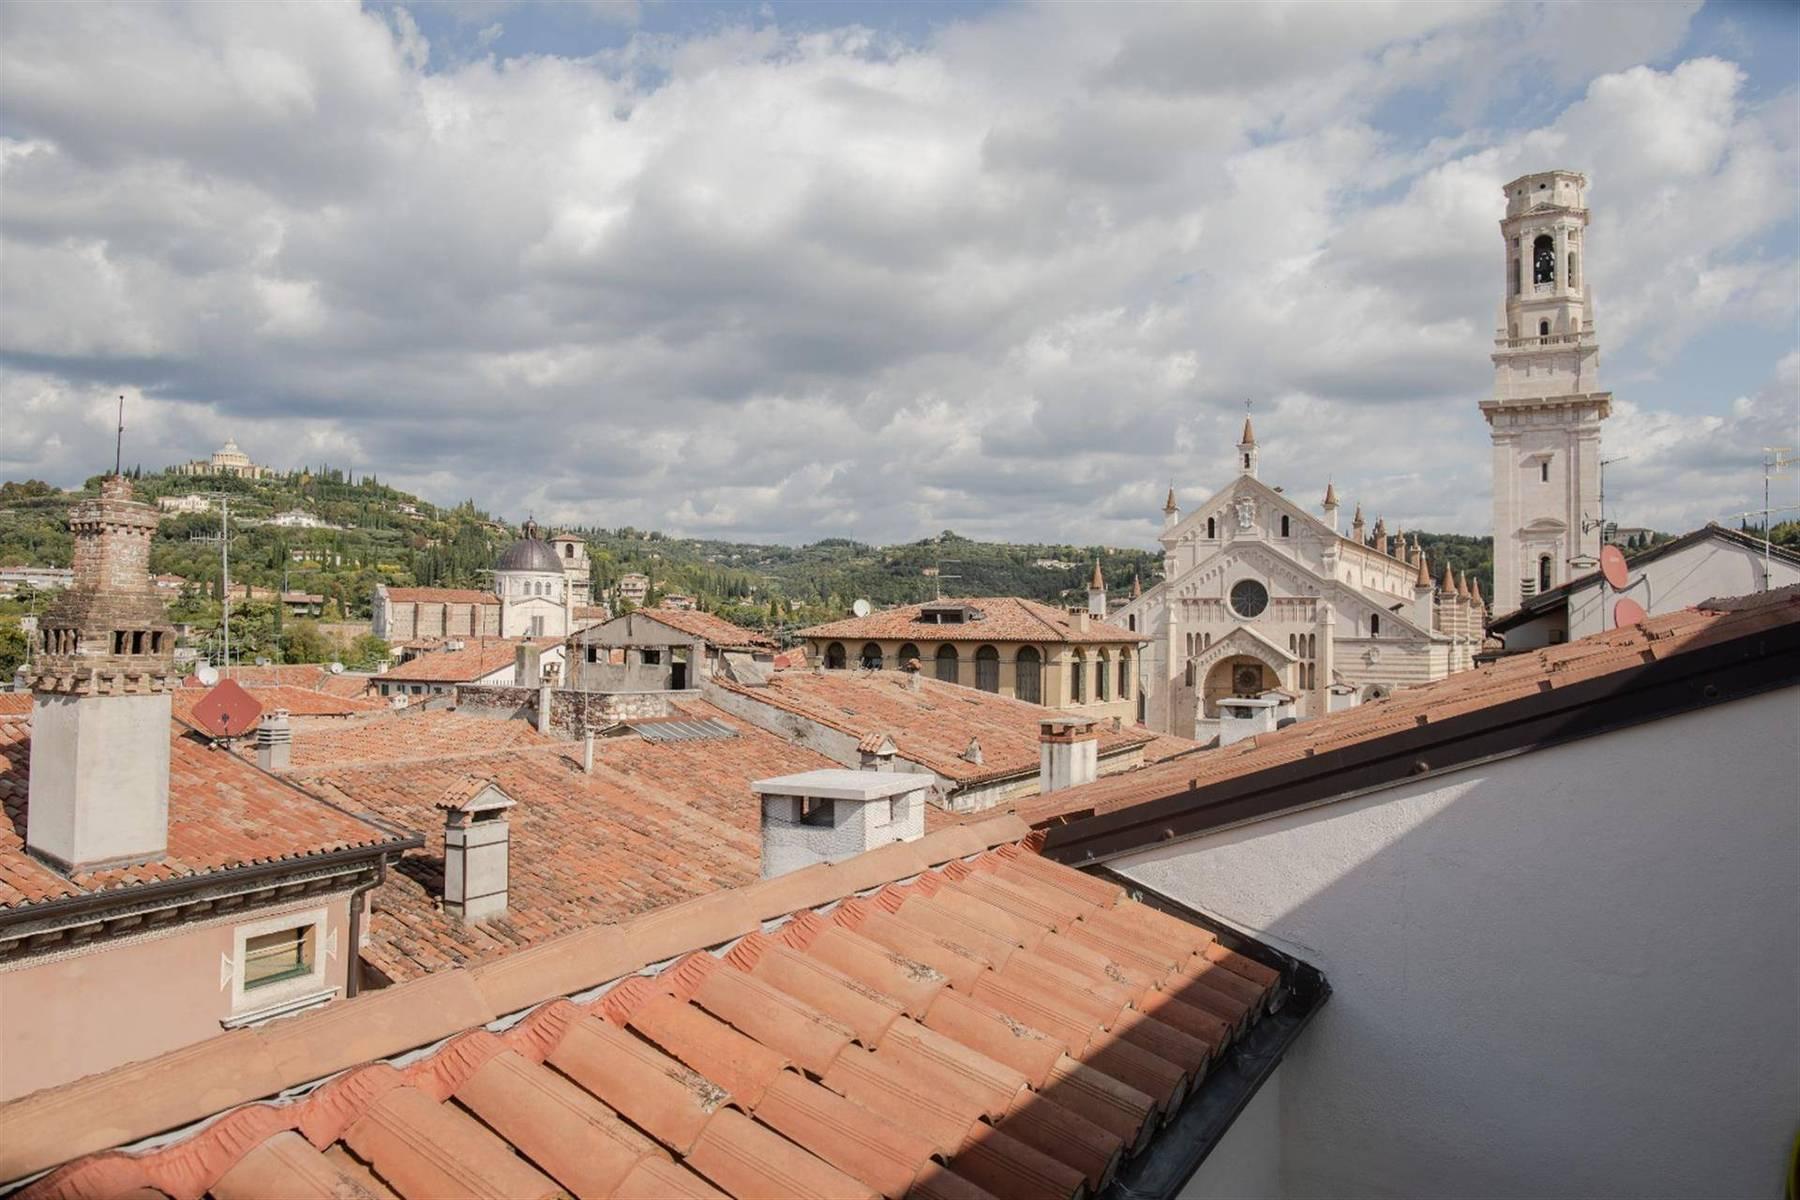 Attico in Vendita a Verona: 5 locali, 450 mq - Foto 7